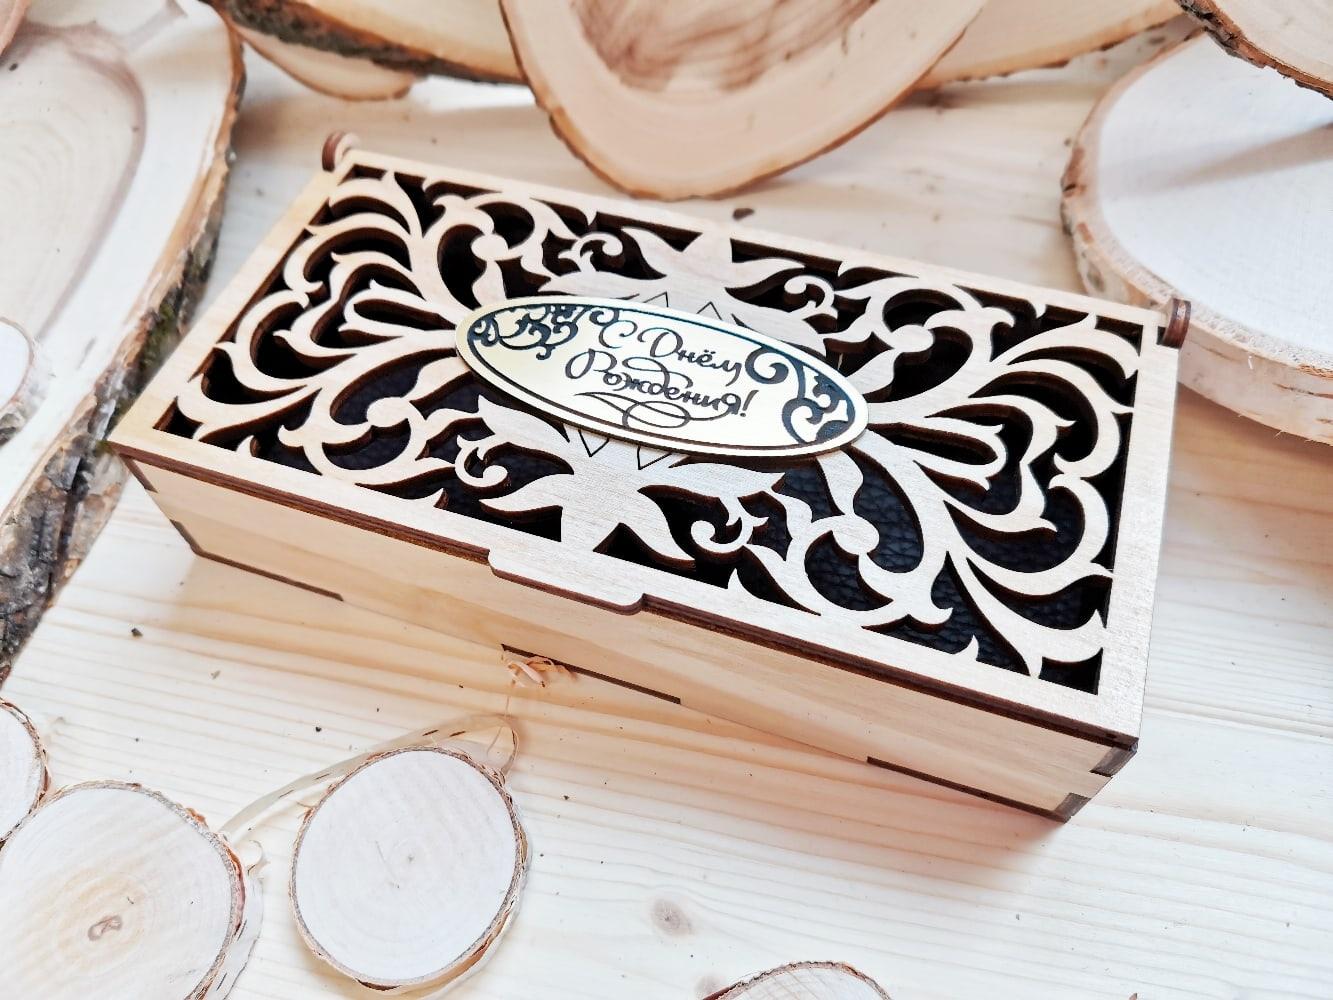 Laser Cut Decorative Wooden Gift Box Free CDR Vectors Art